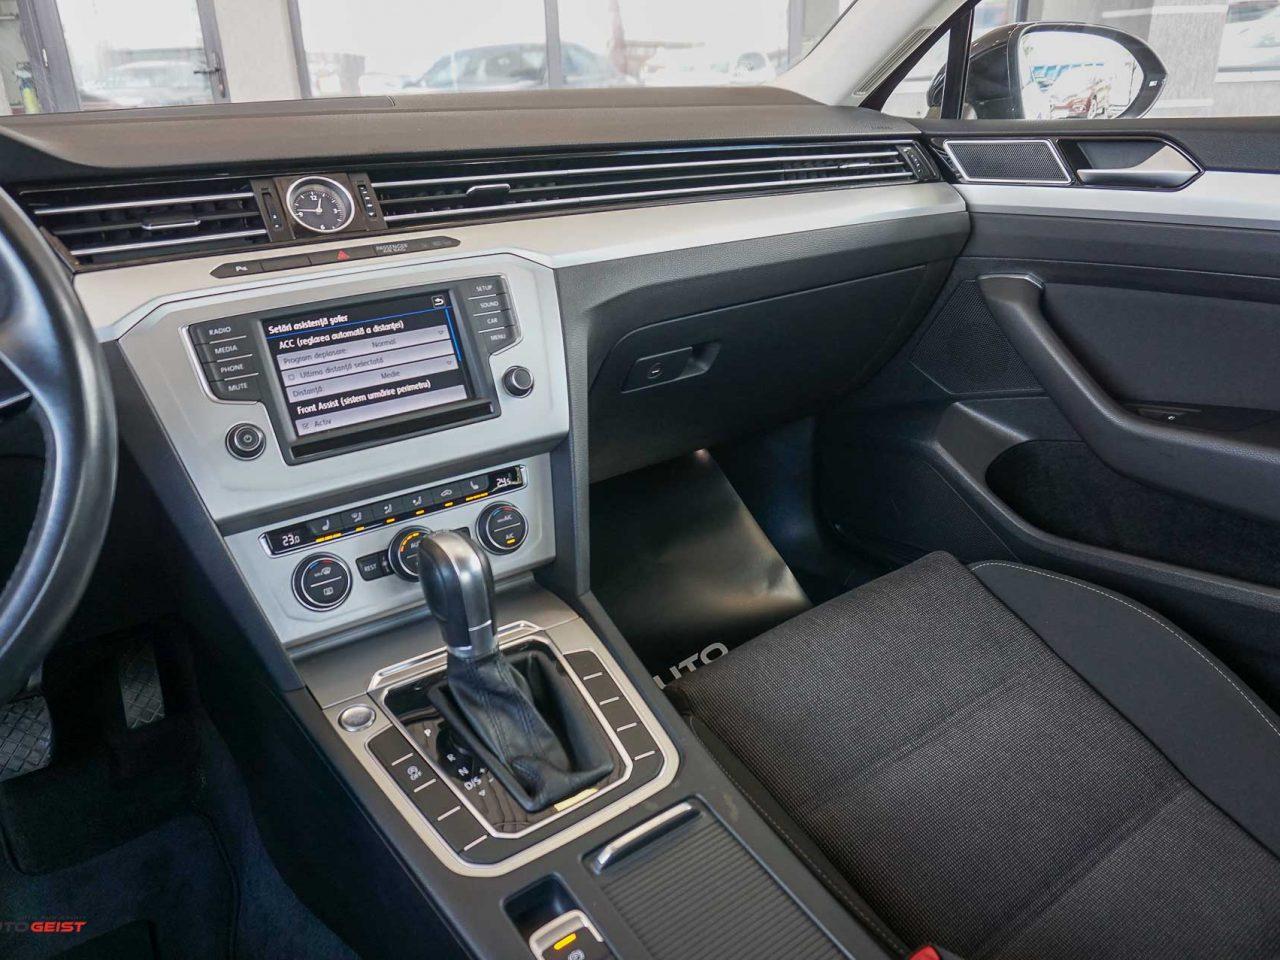 volkswagen-passat-automat-00539